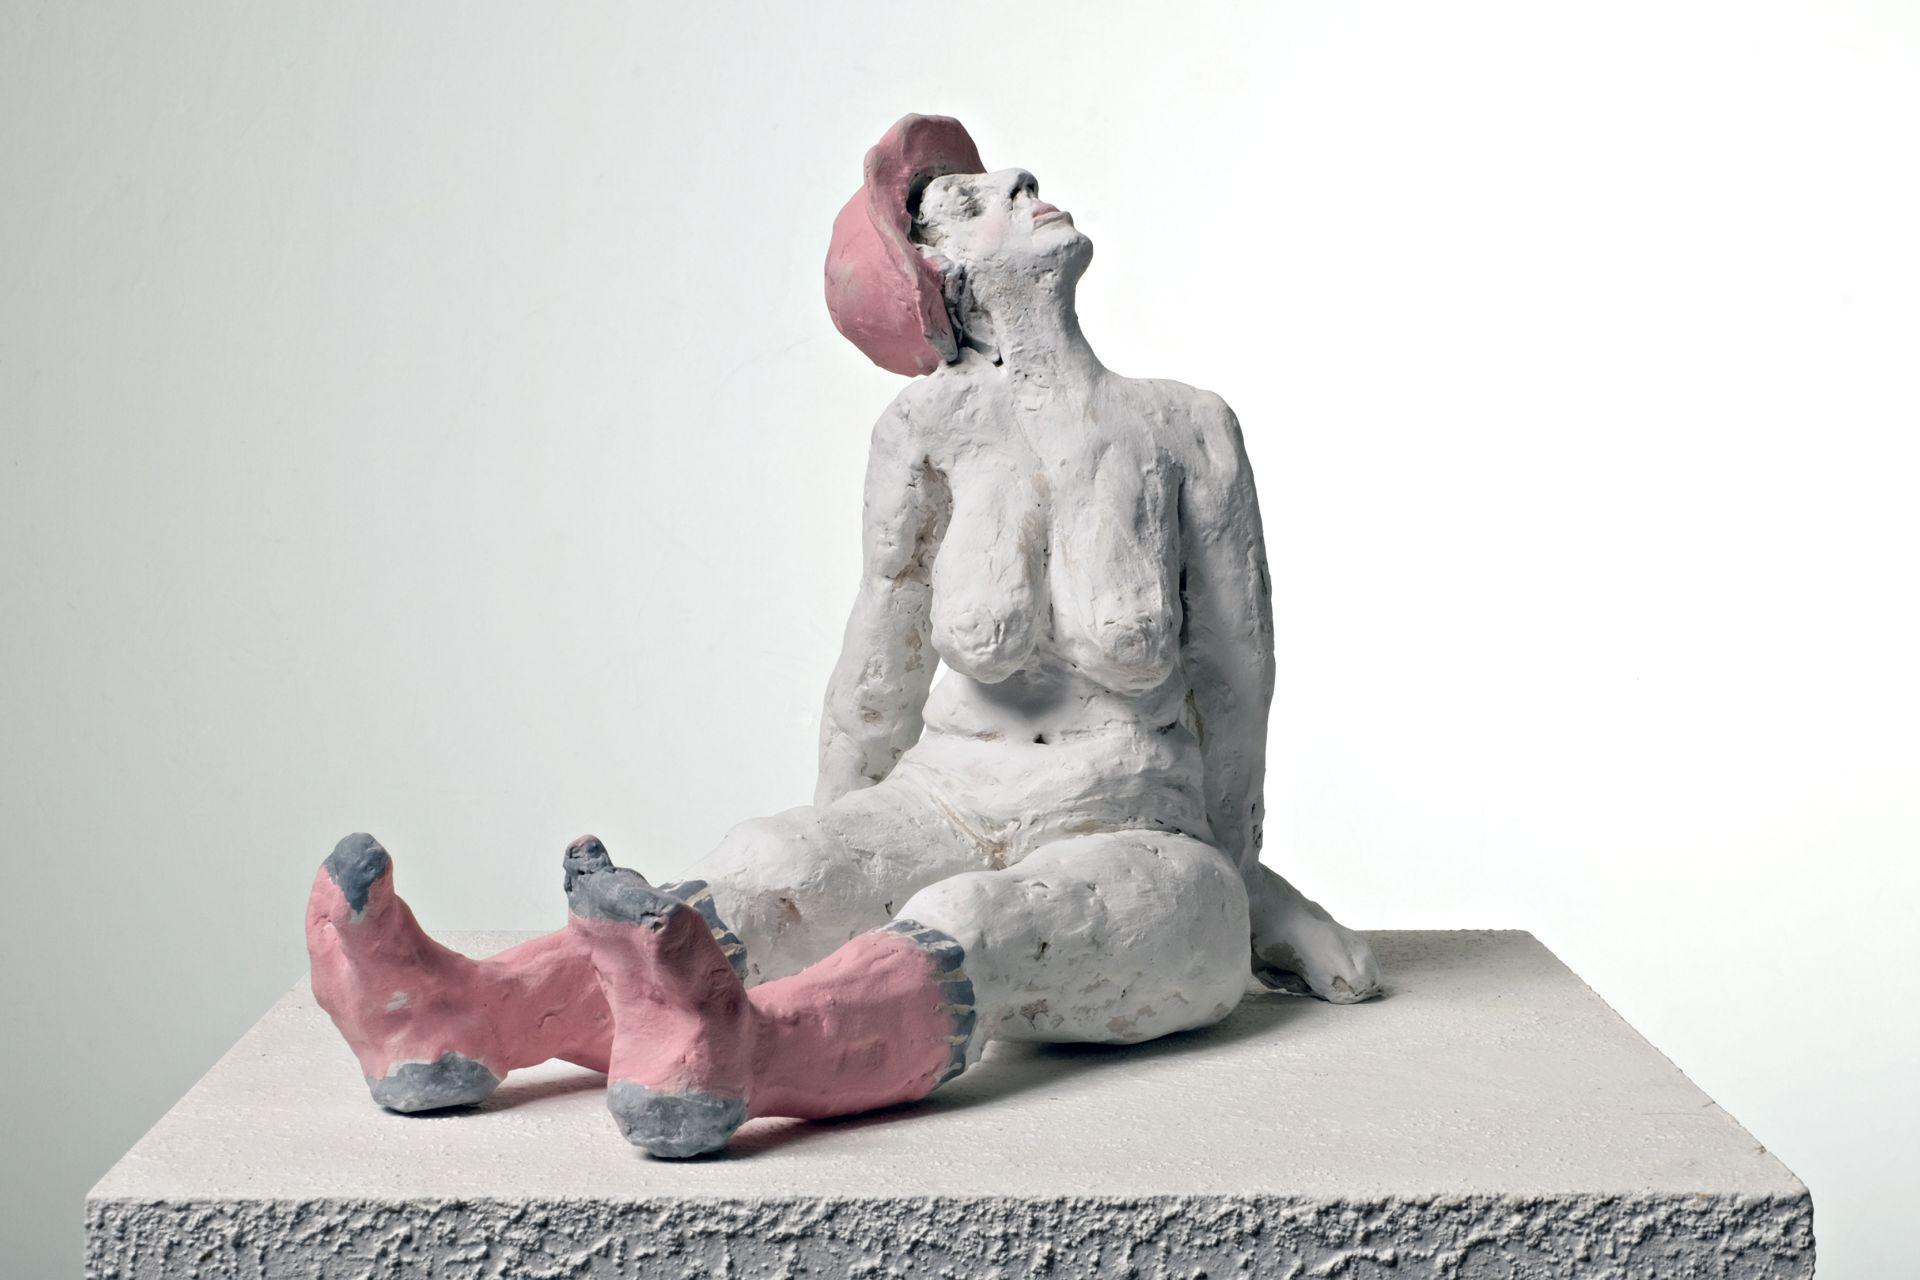 Sitzende-Keramik--Sabine-Dietrich-christina_klee-